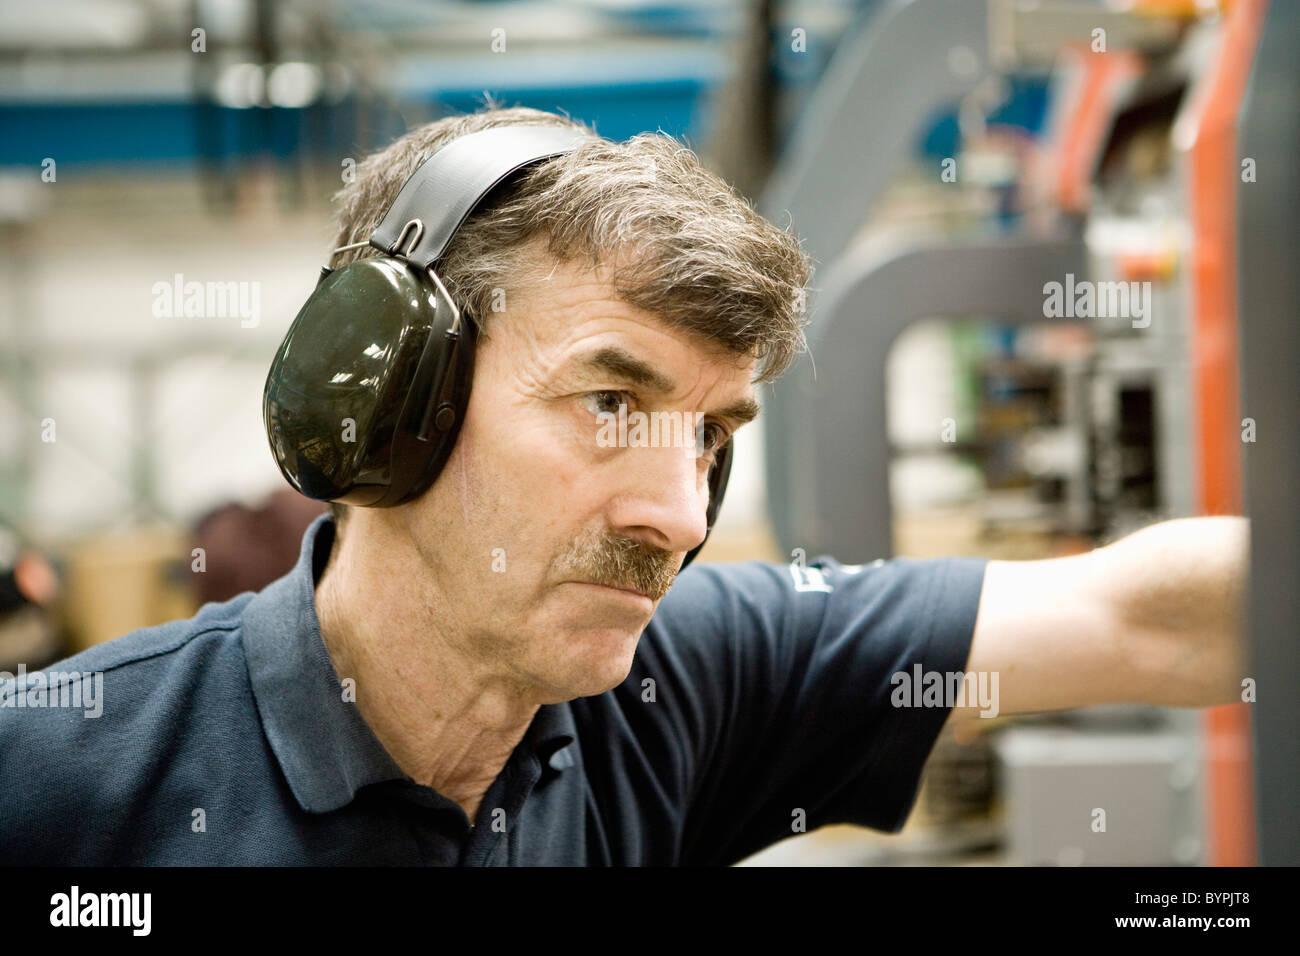 male worker wears headphones - 550×366